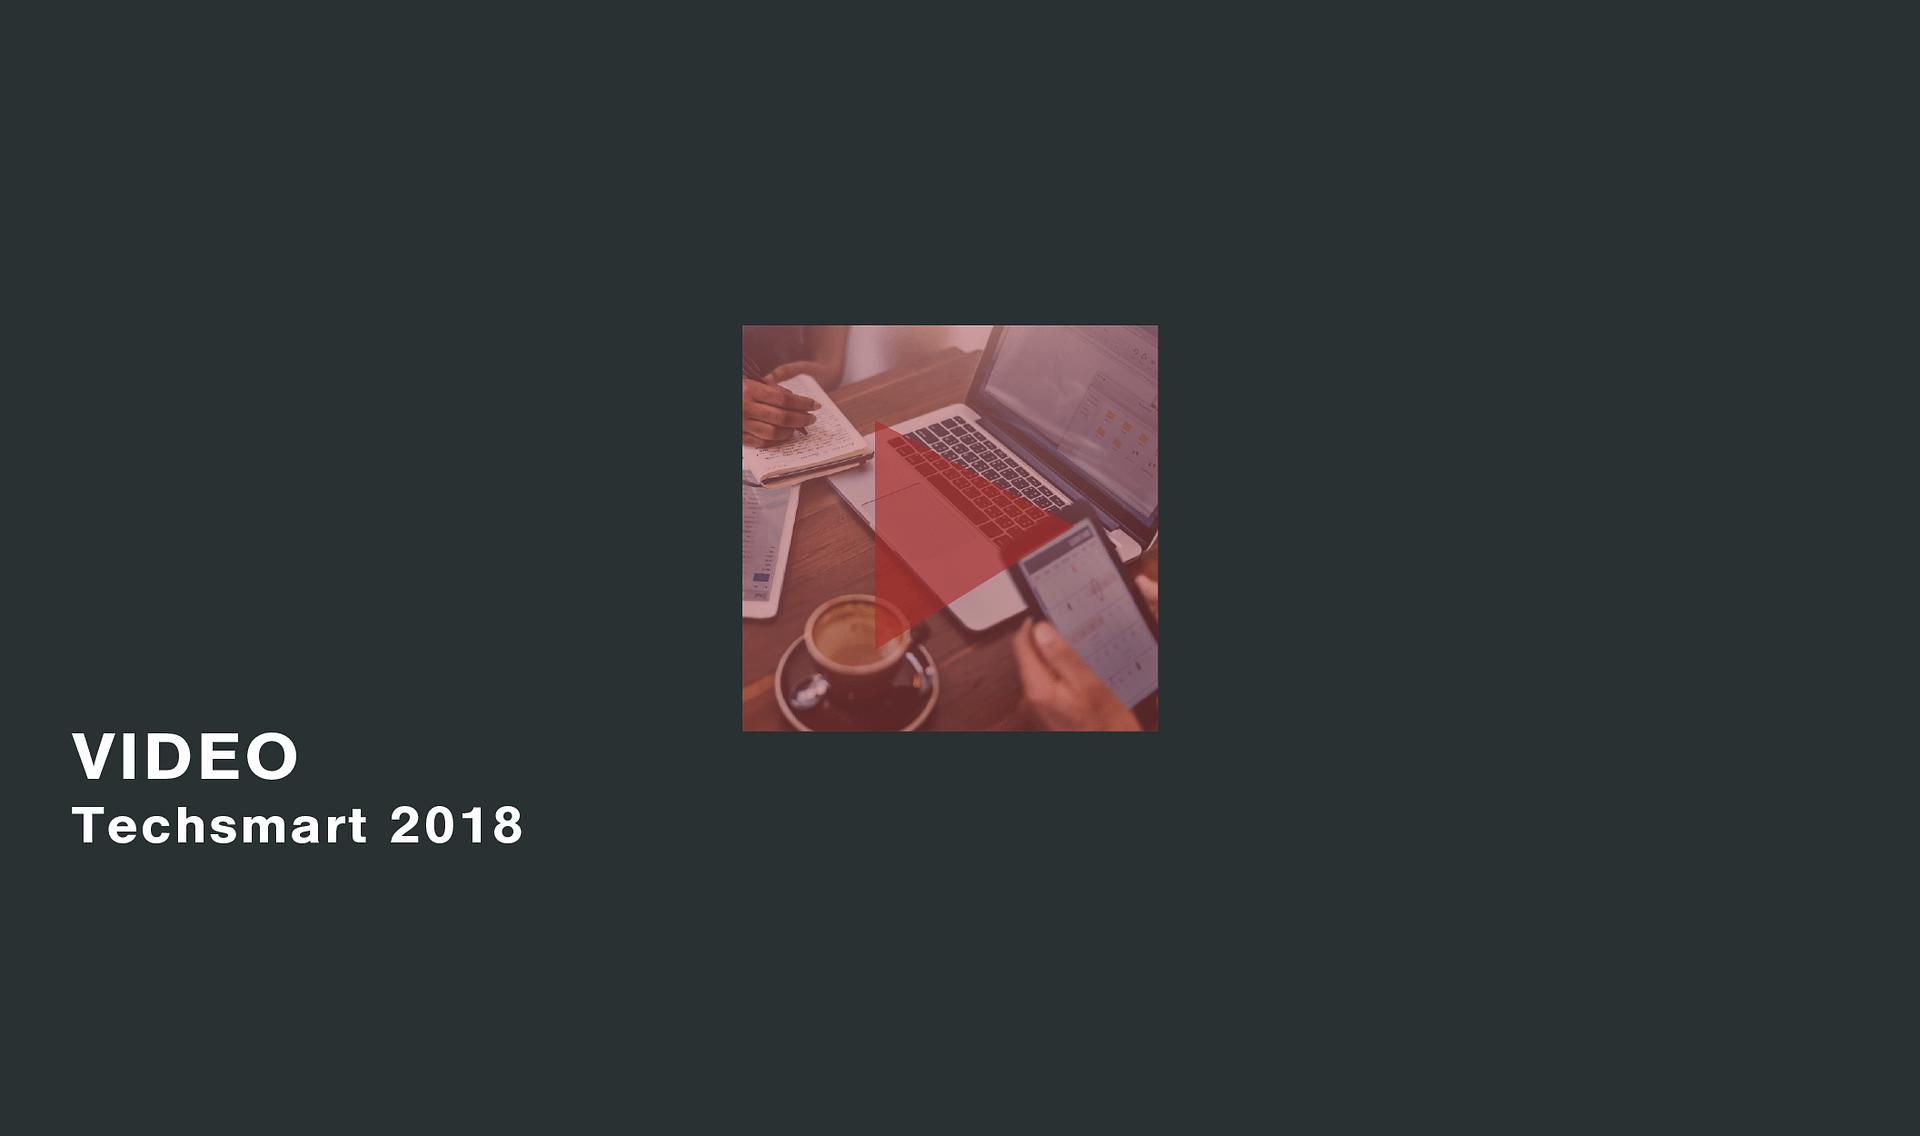 Techsmart-2018